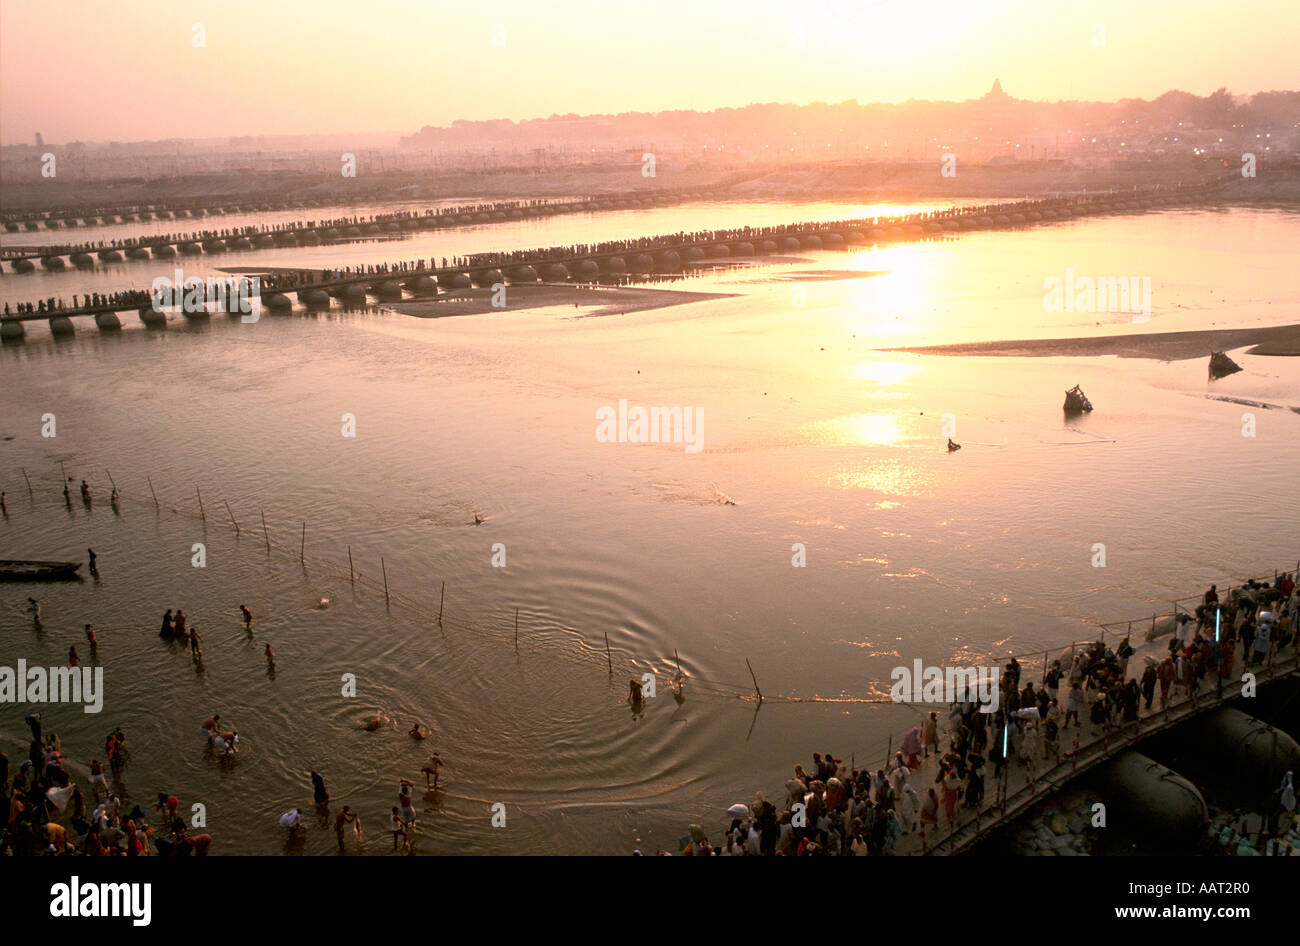 L'INDE Kumbh Mela 2001 ALORS QUE LE SOLEIL SE COUCHE SUR ALLAHABAD beaucoup de pèlerins se baignent ET PRIER DANS Banque D'Images